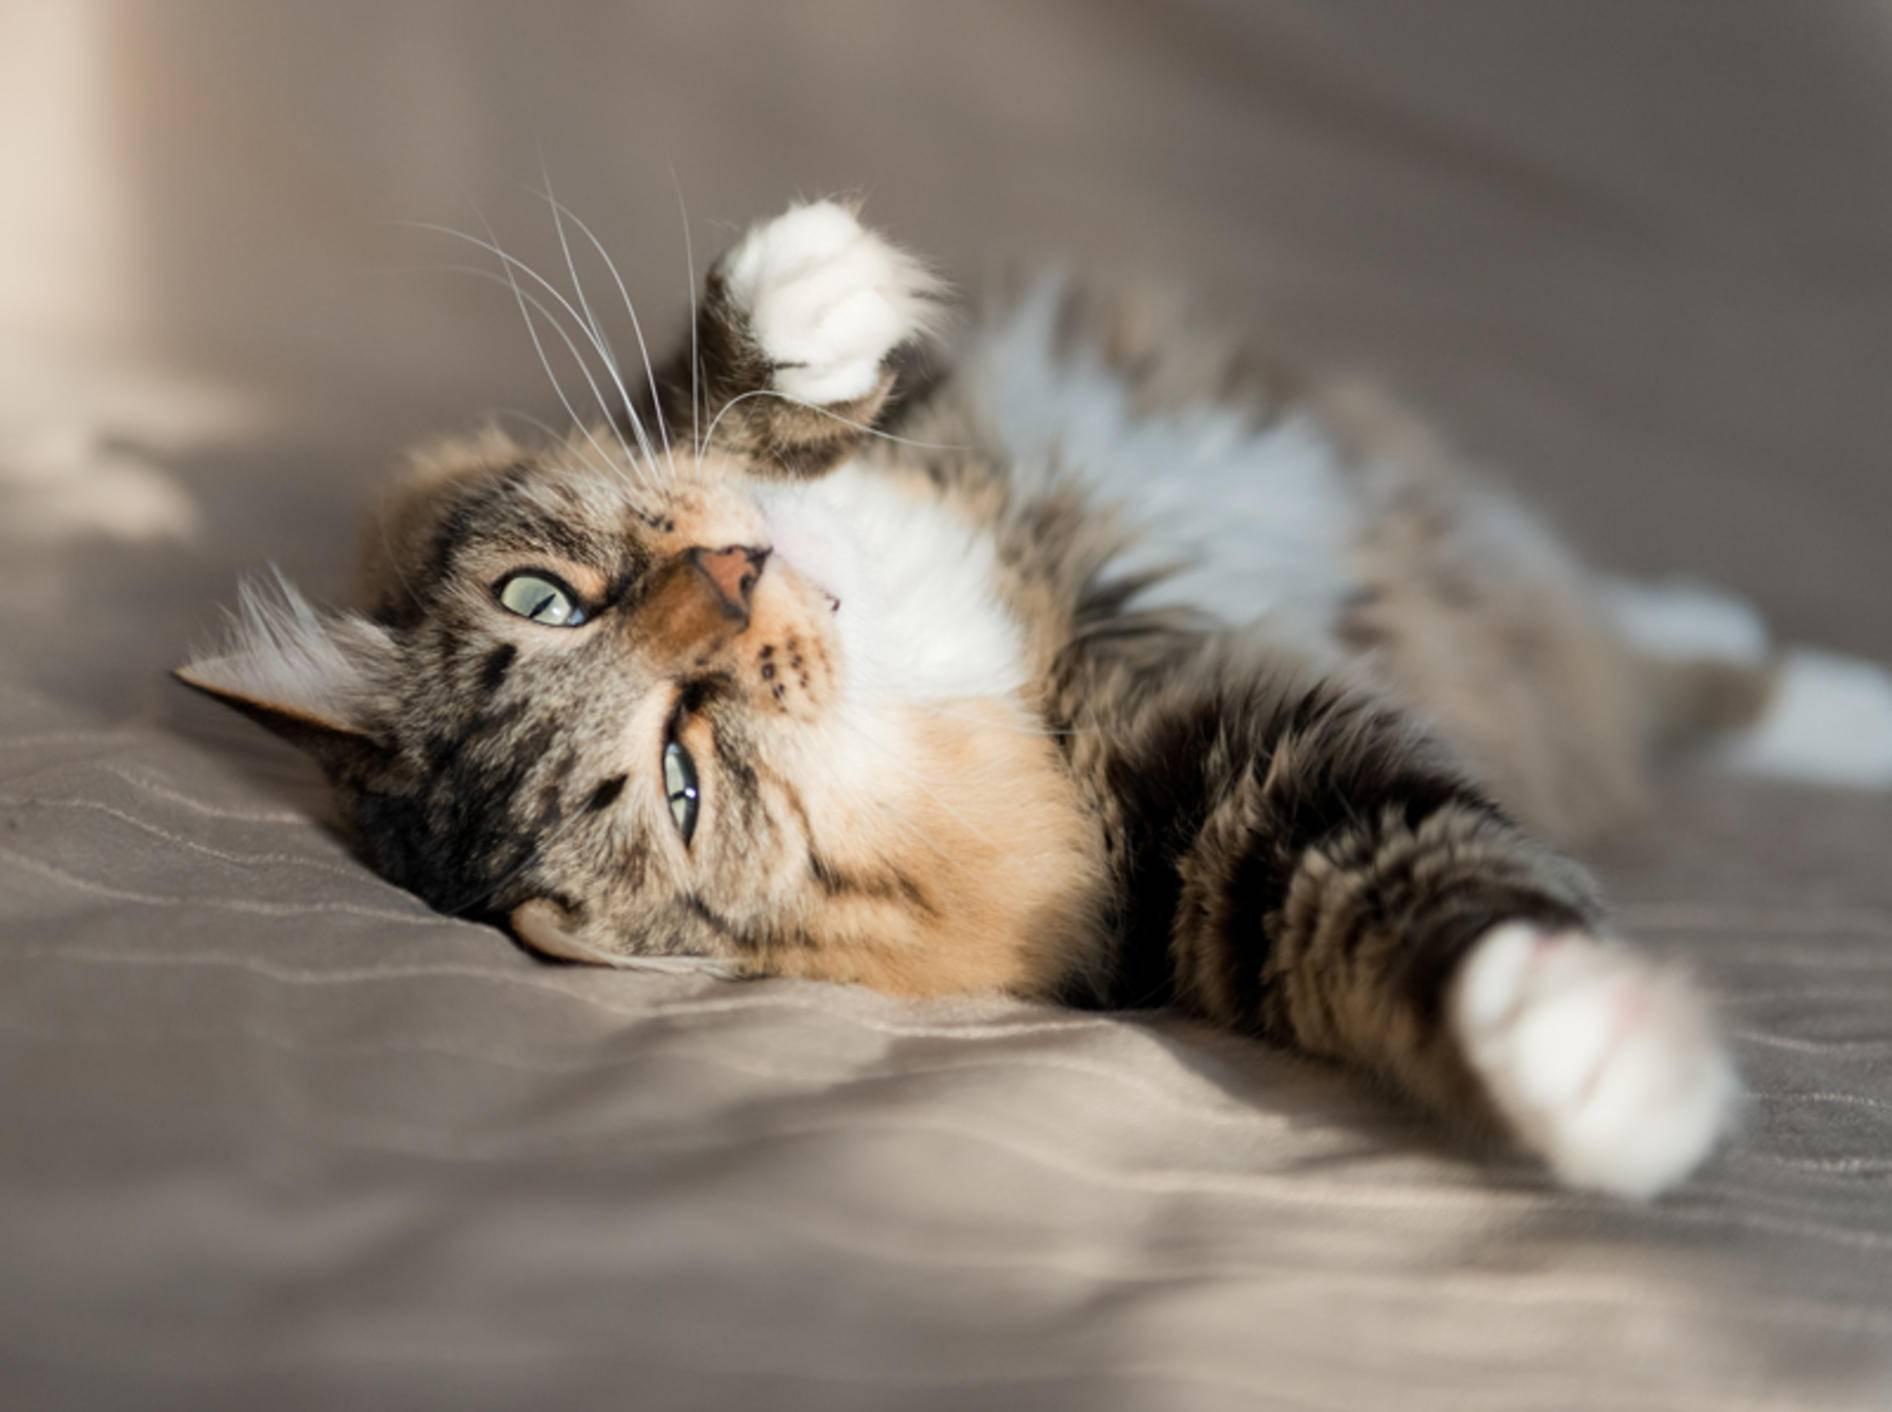 Praktische Tools gegen Katzenhaare auf Textilien – Bild: Shutterstock / Valeri Potapova